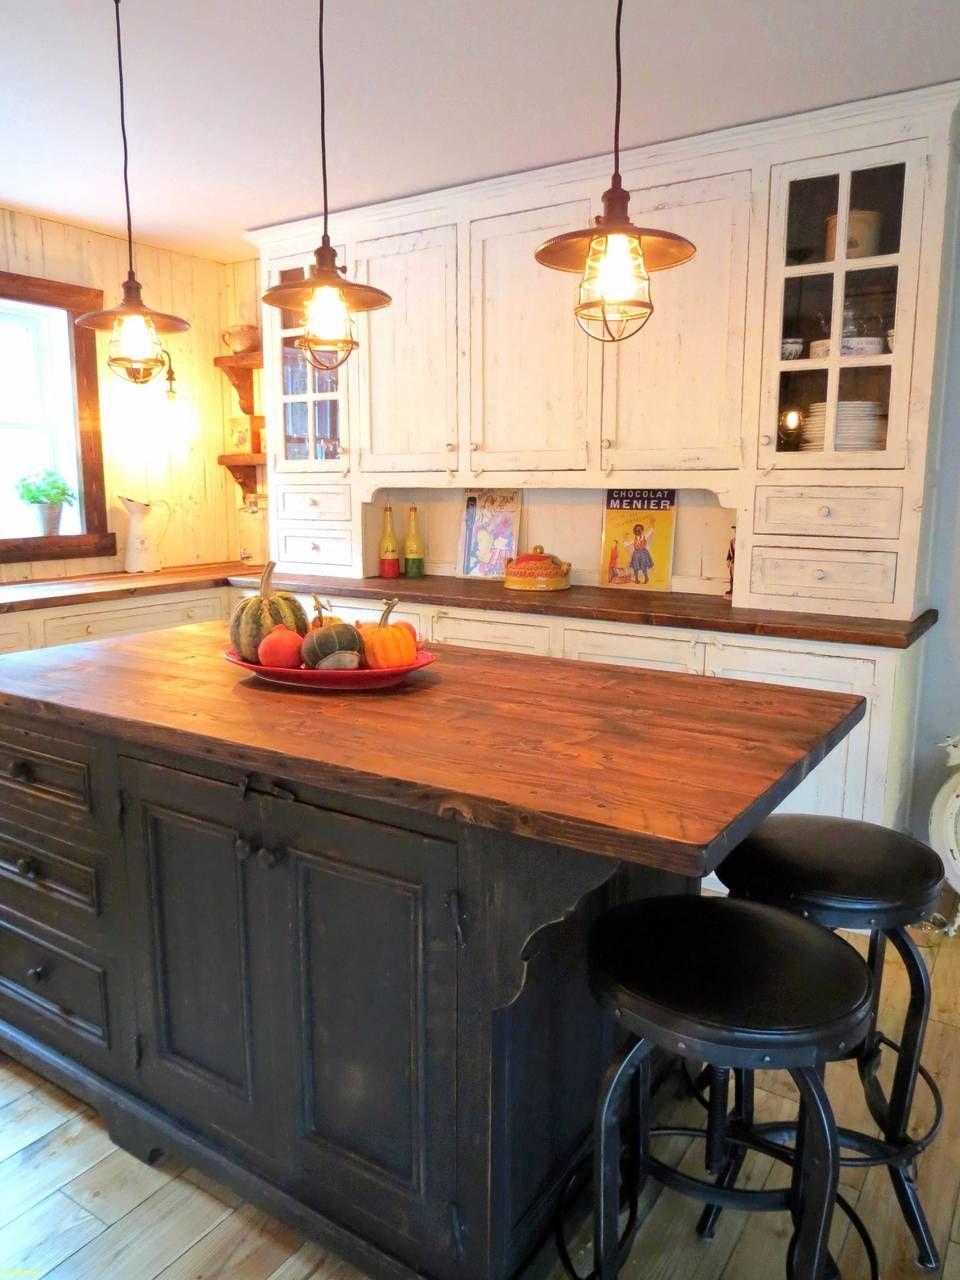 meuble desserte cuisine salon de jardin anglet ainsi que meuble desserte cuisine elegants of meuble desserte cuisine